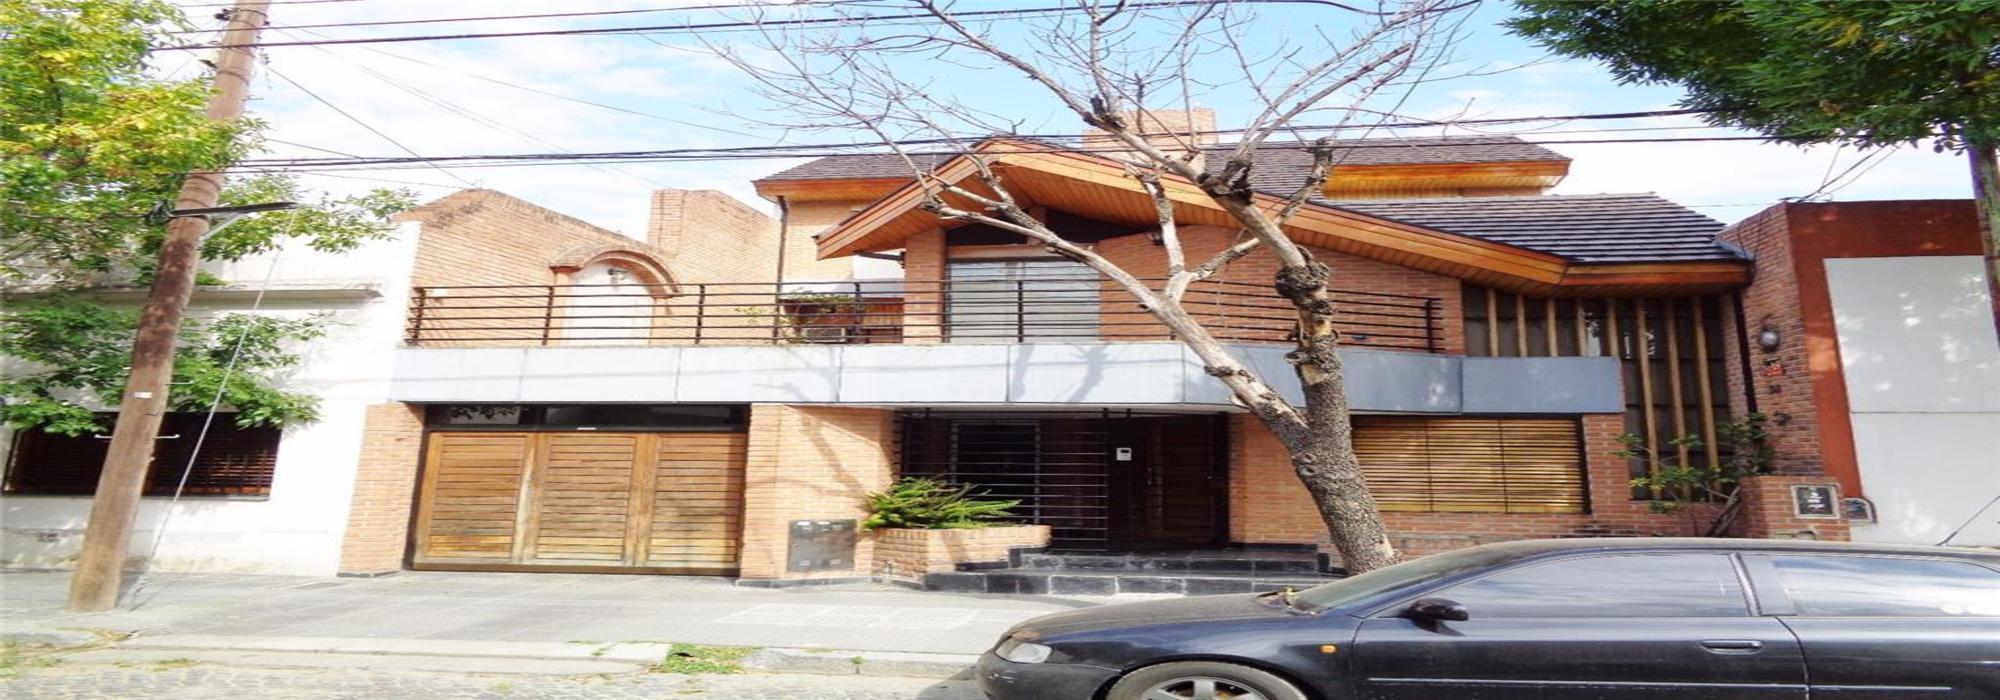 Destacada casa 5 amb en venta con patio y cochera para dos autos